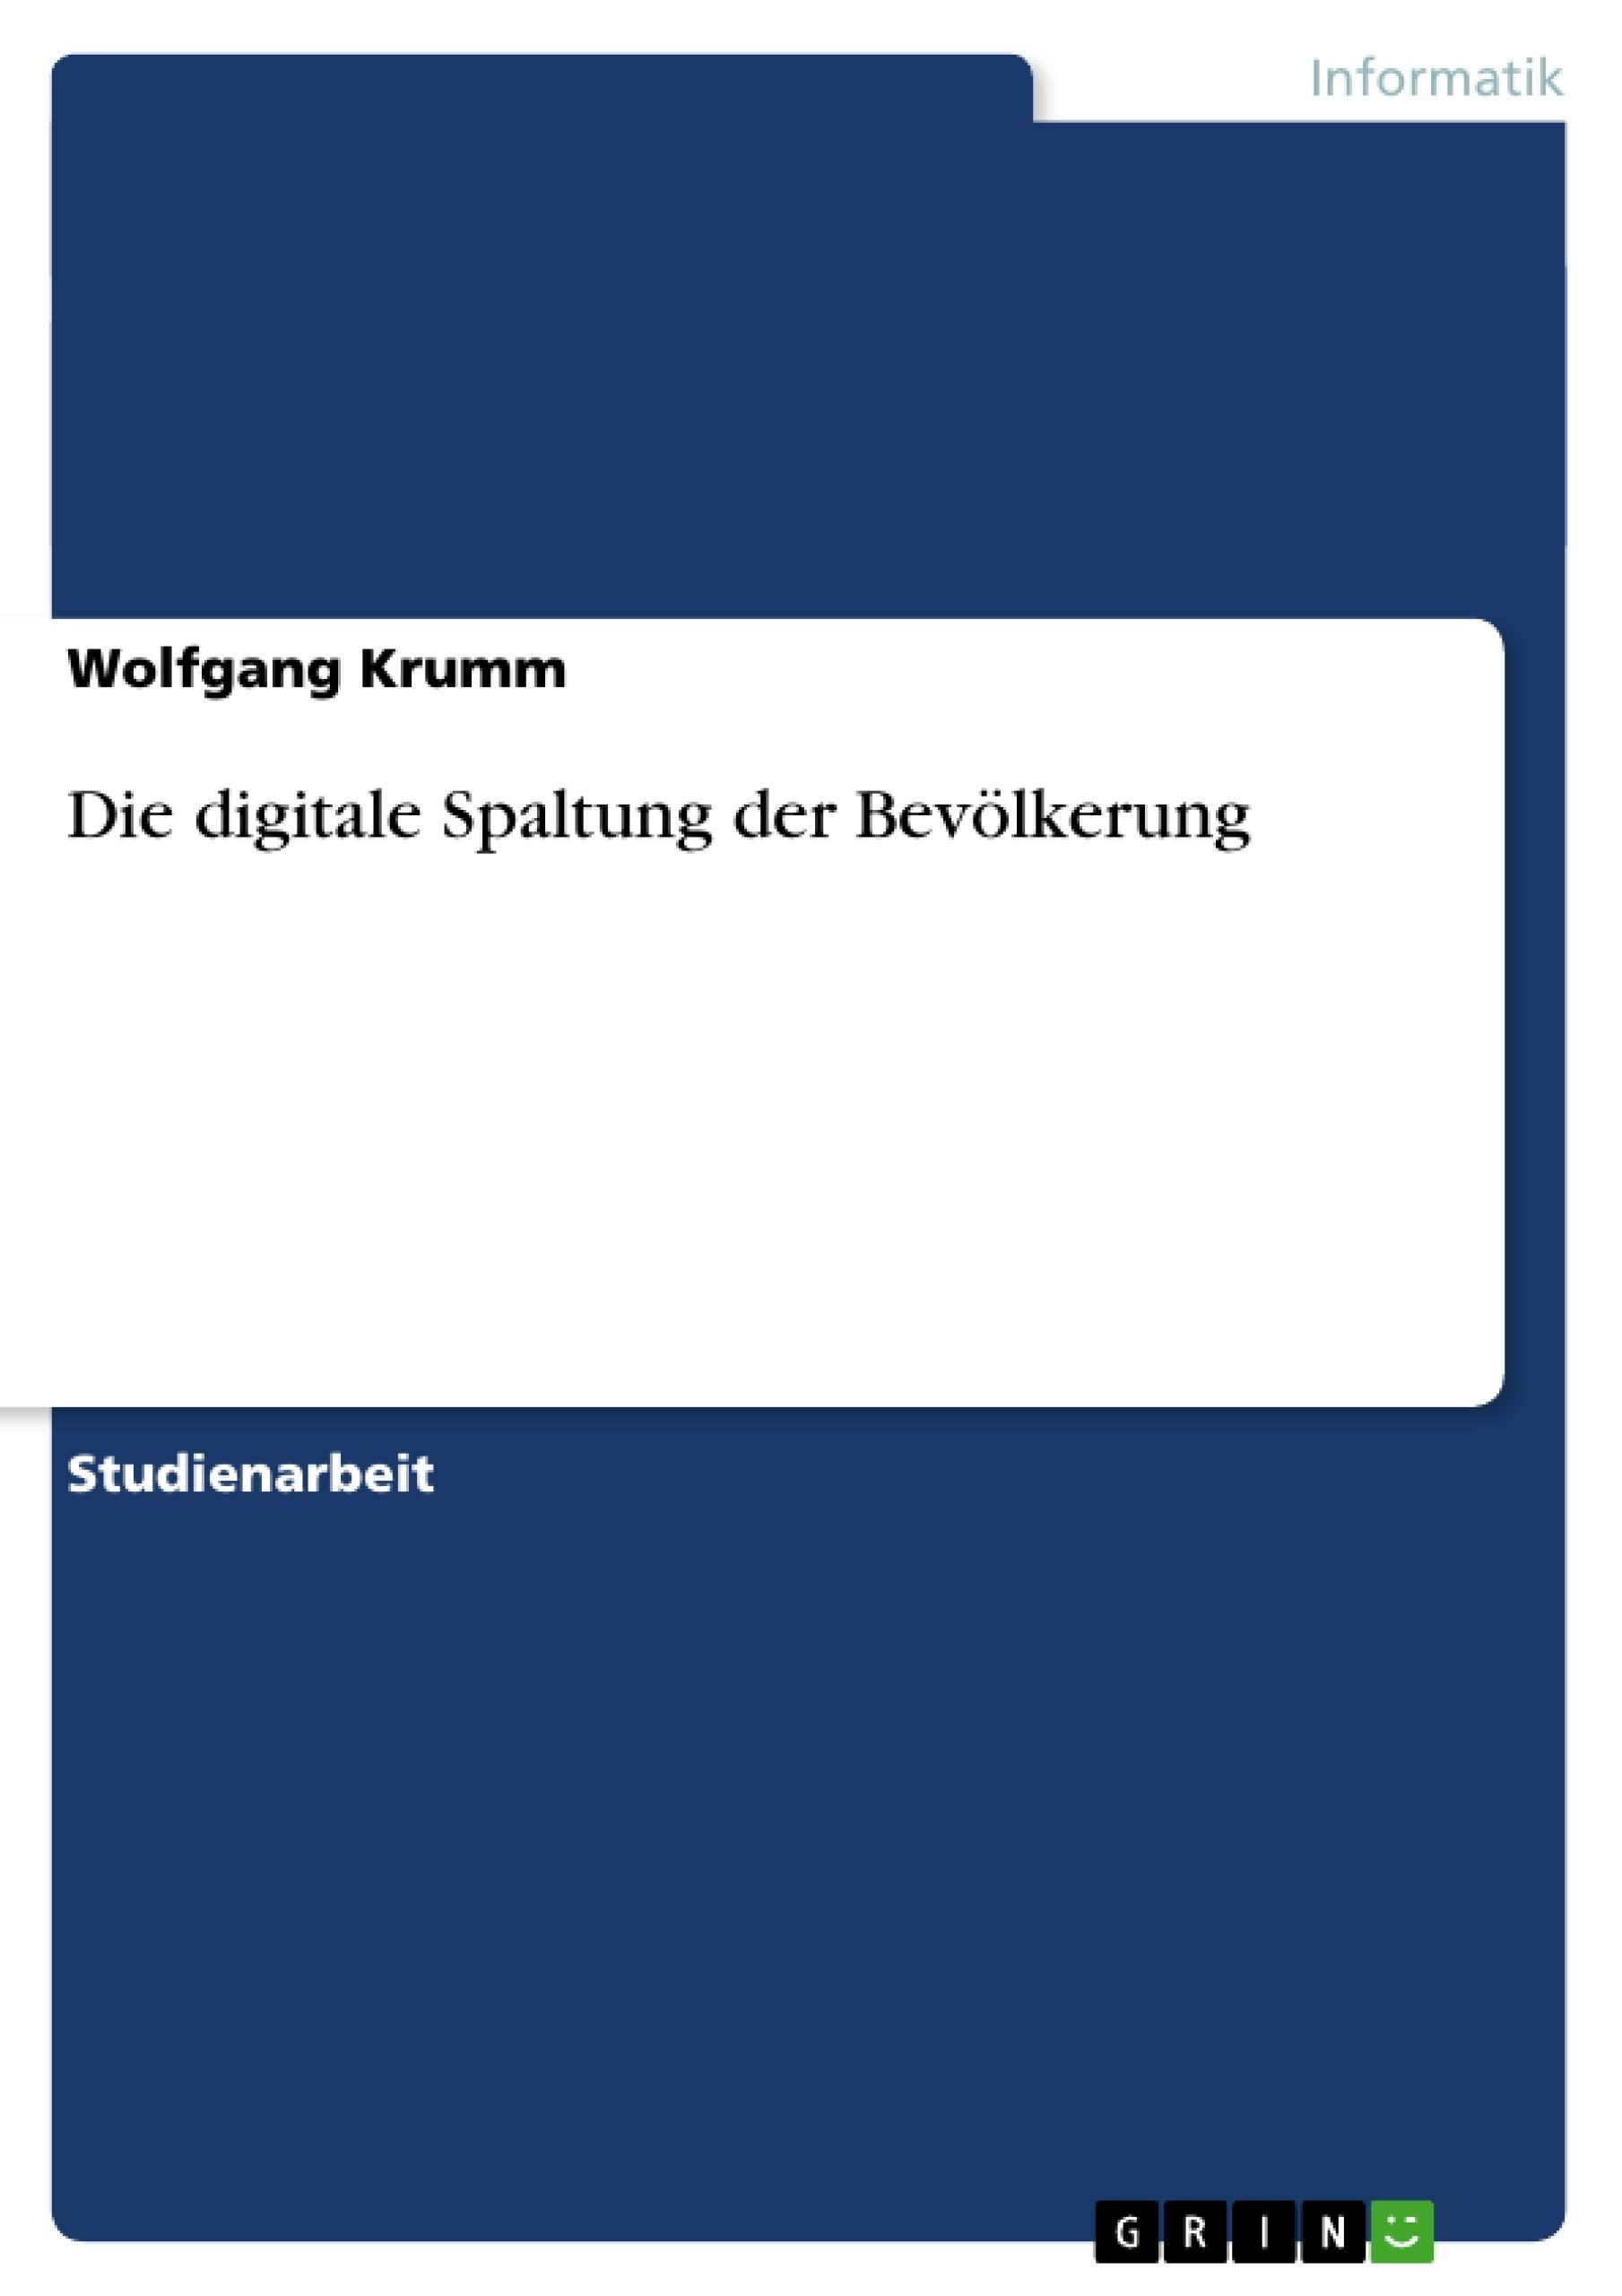 Titel: Die digitale Spaltung der Bevölkerung